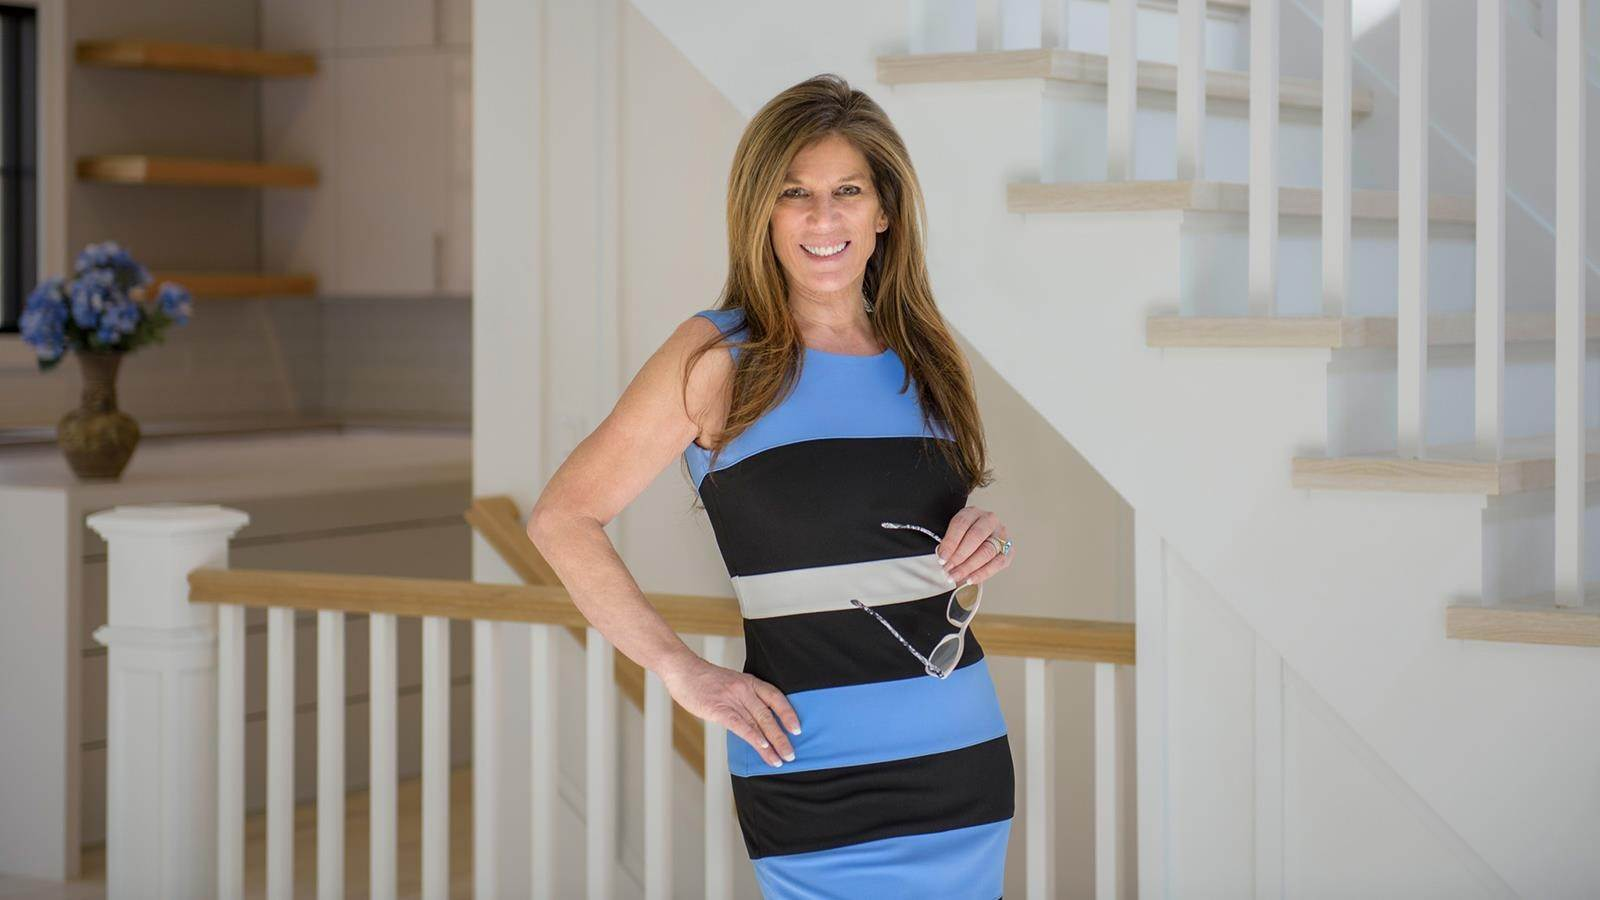 Susan M. Lahrman